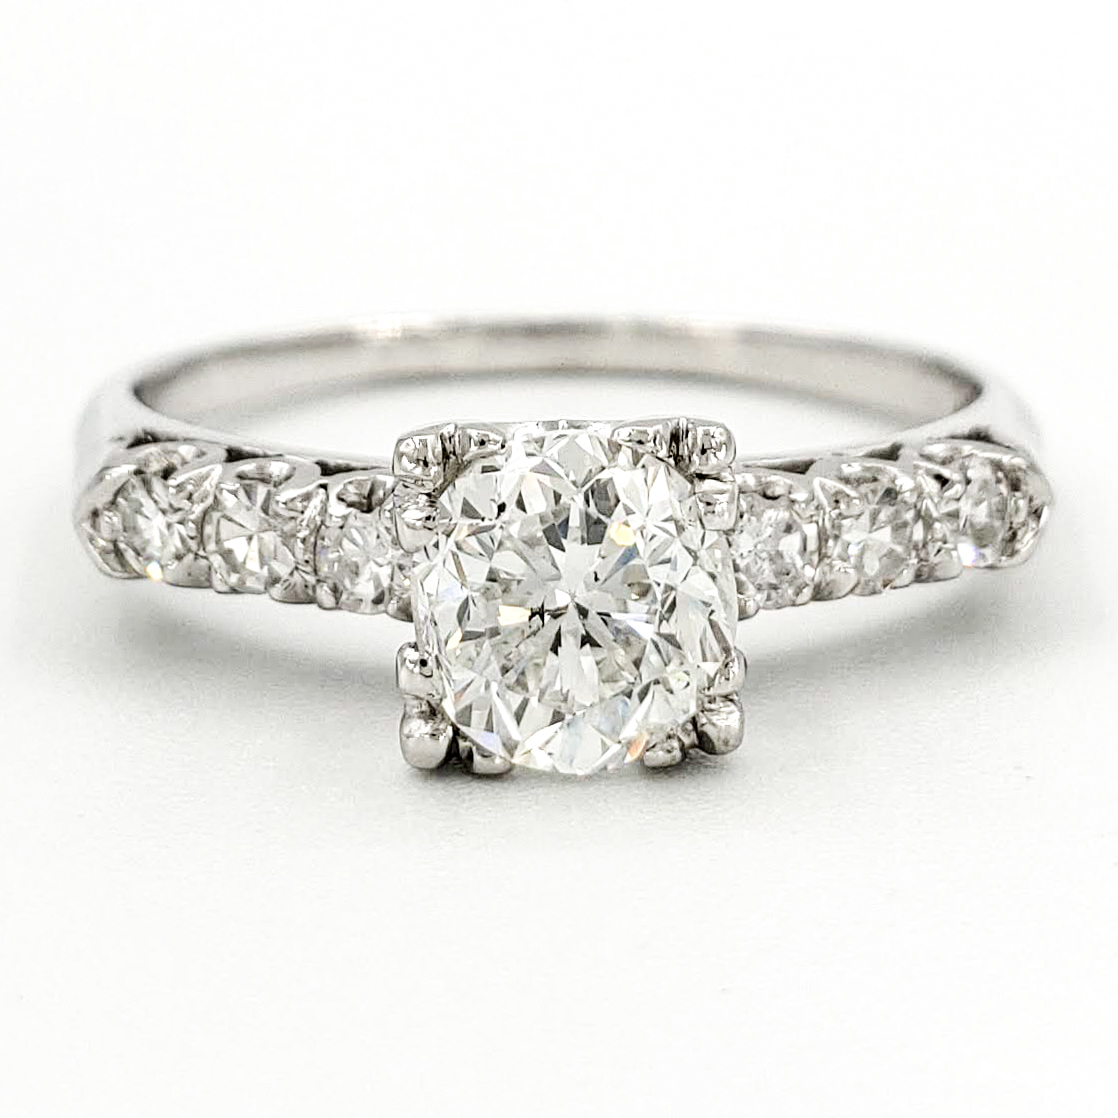 vintage-platinum-engagement-ring-with-1-01-carat-round-brilliant-cut-diamond-egl-h-si1